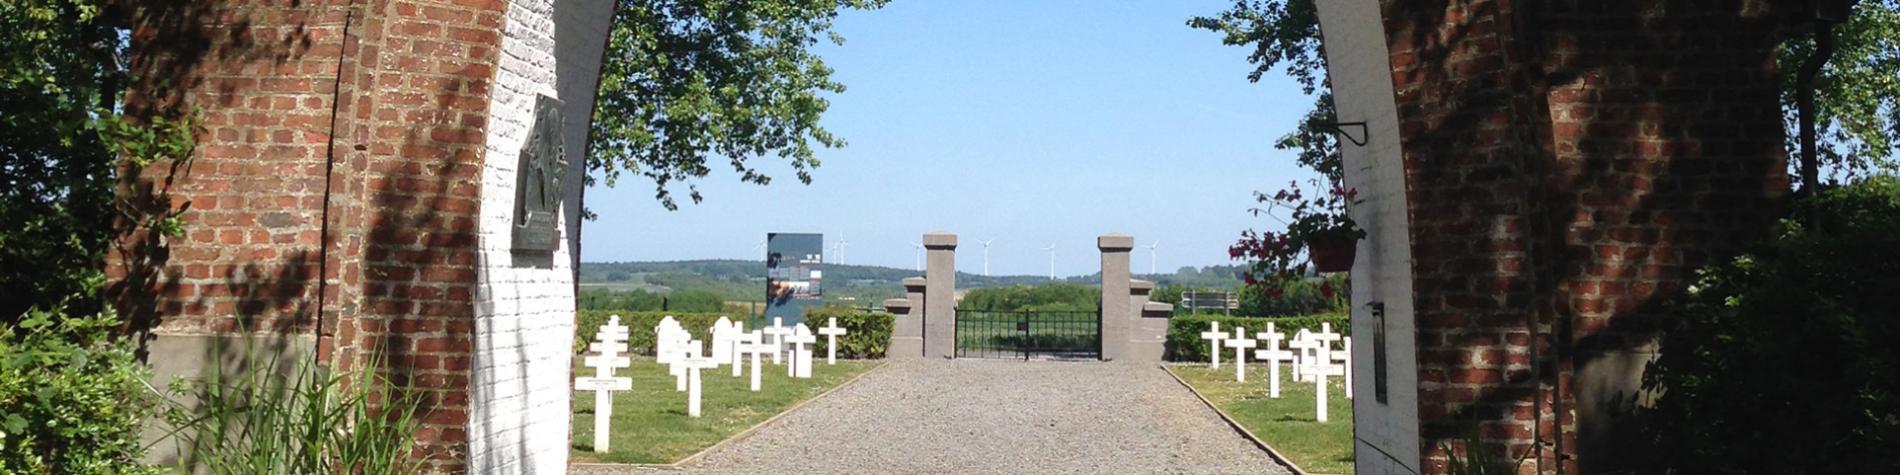 Nécropole - Belle Motte - Parcours mémoriel - 14-18 - Combats - Bataille de la Sambre